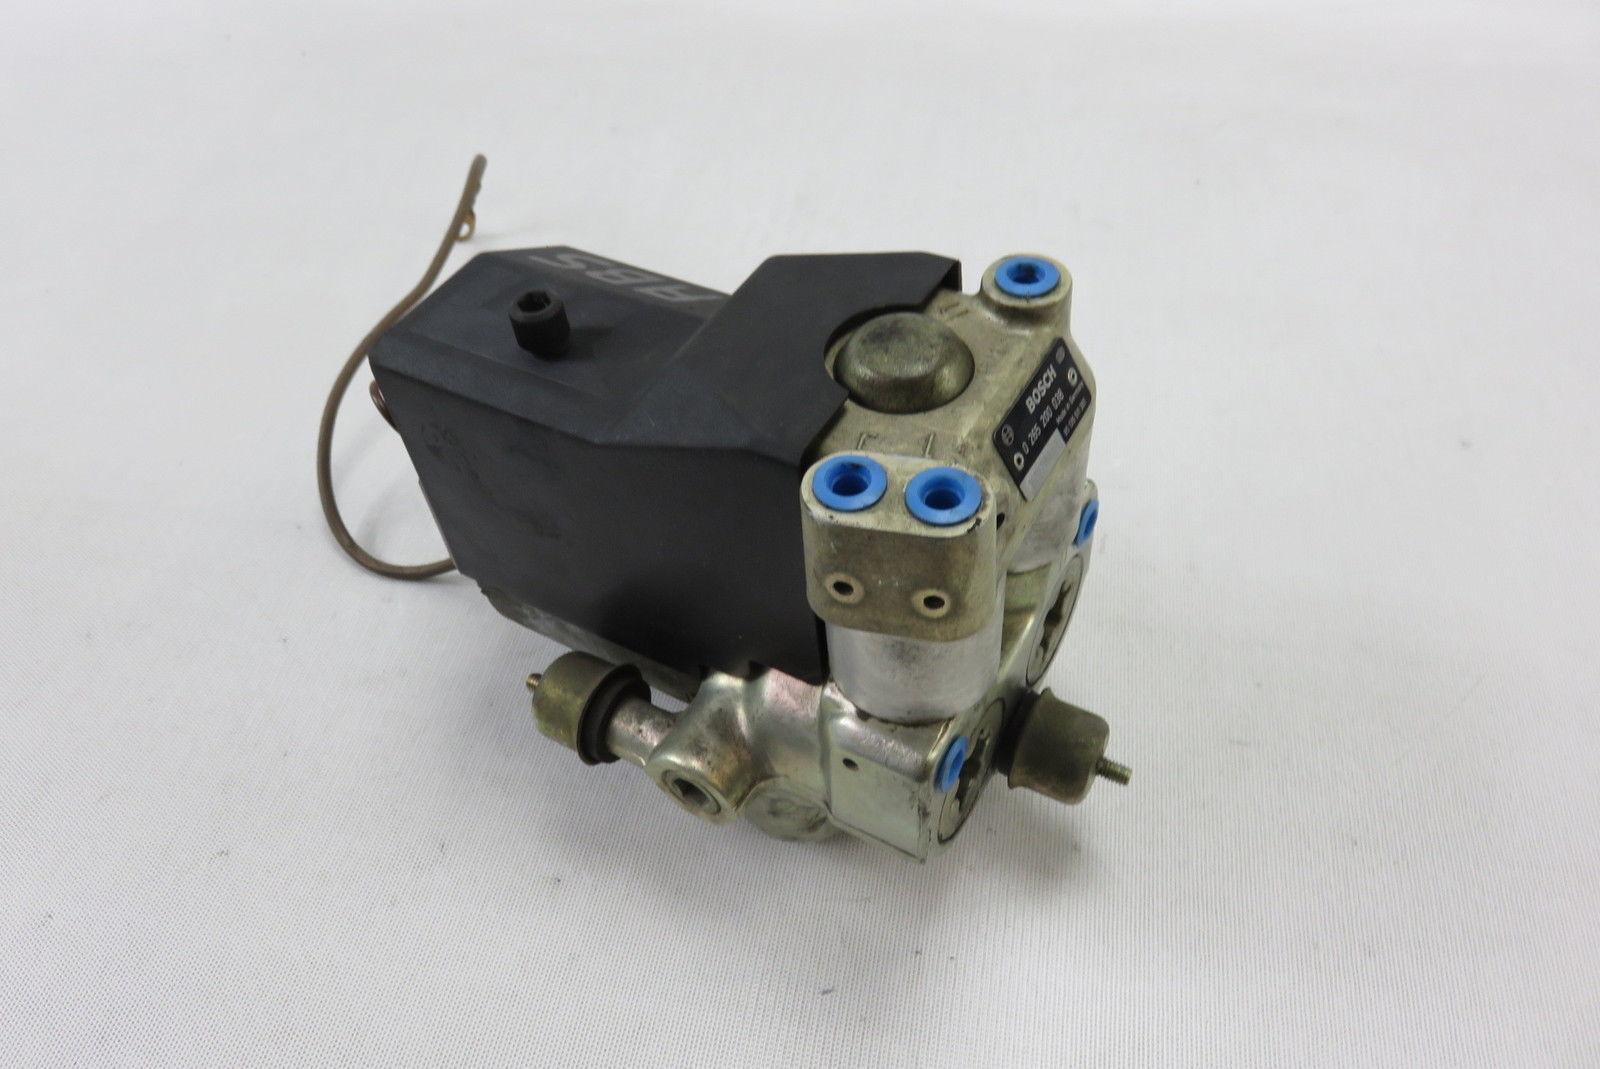 92 Porsche 968 anti lock abs brake pump 0265200038 oem Bosch   S Auto Parts